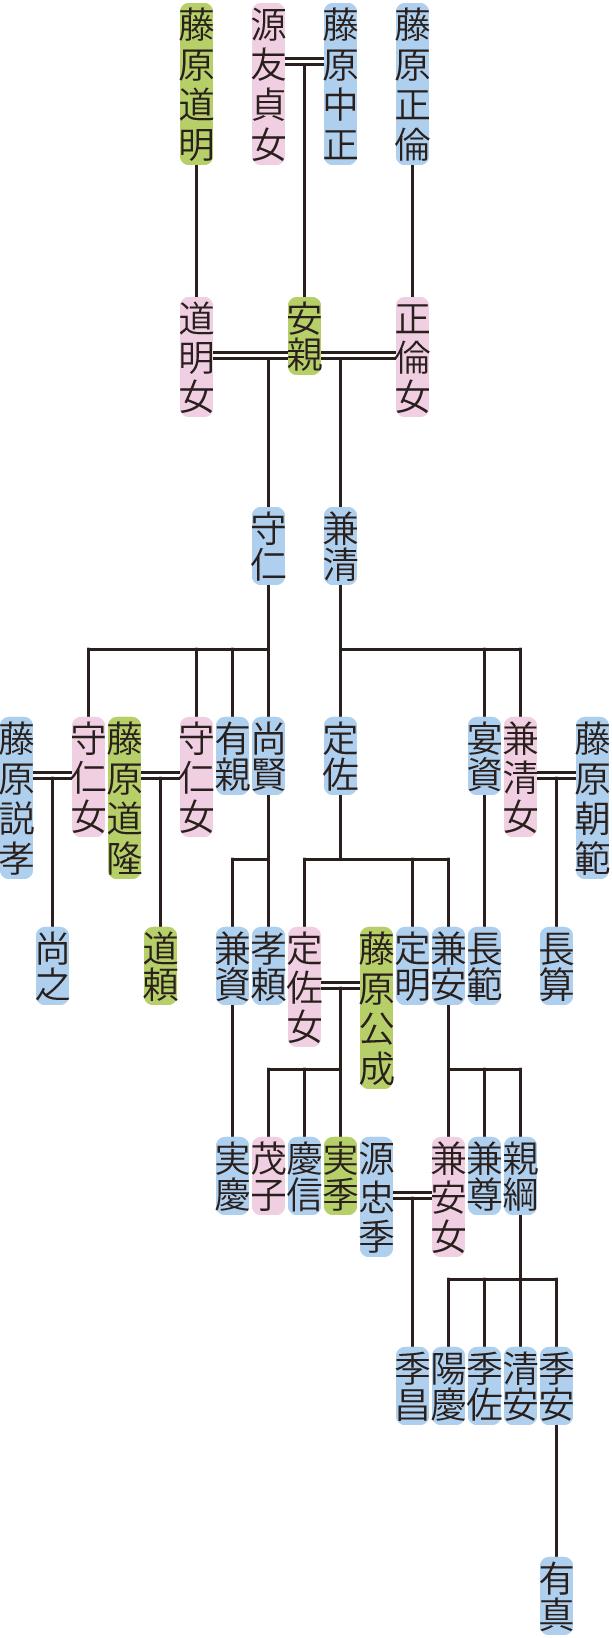 藤原守仁・兼清の系図